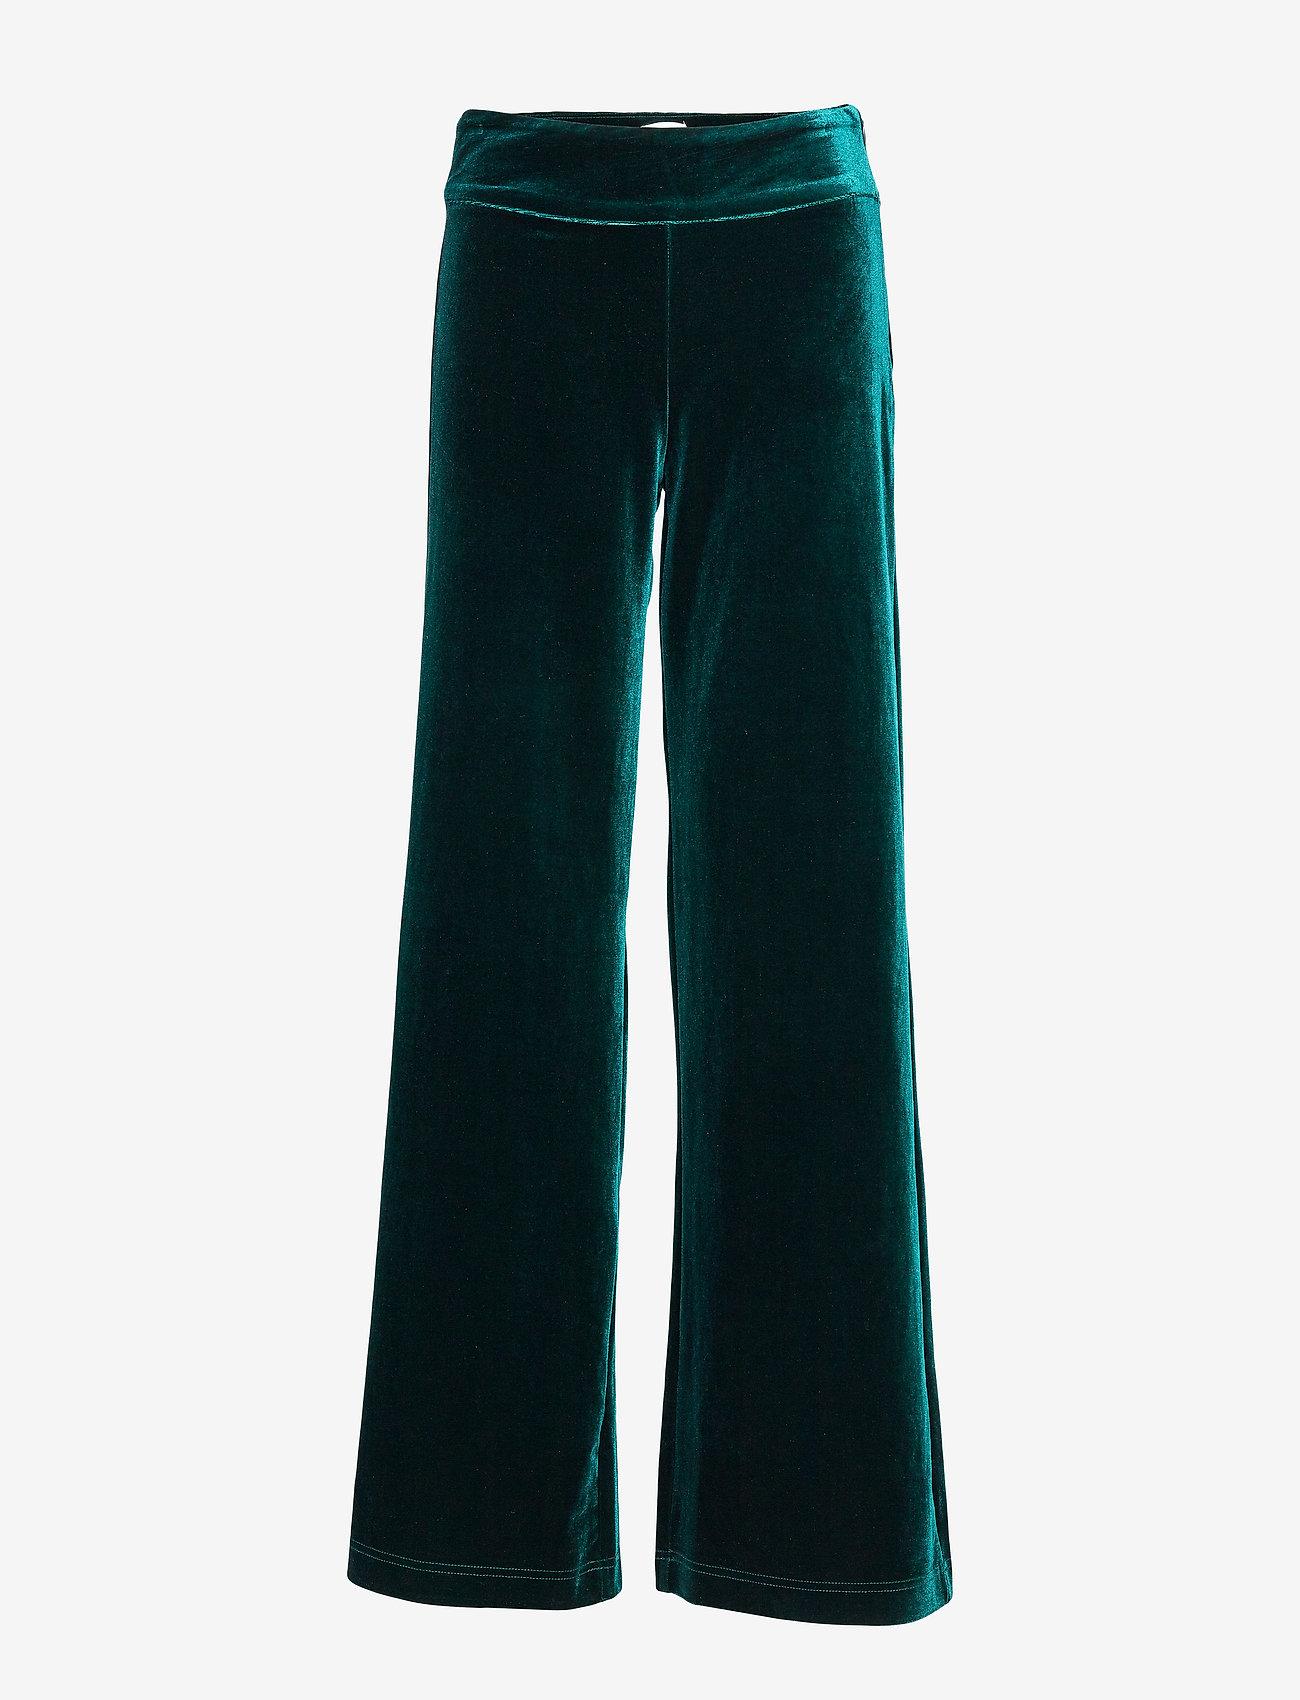 IBEN - Kobi Pant ST - uitlopende broeken - pine green - 0